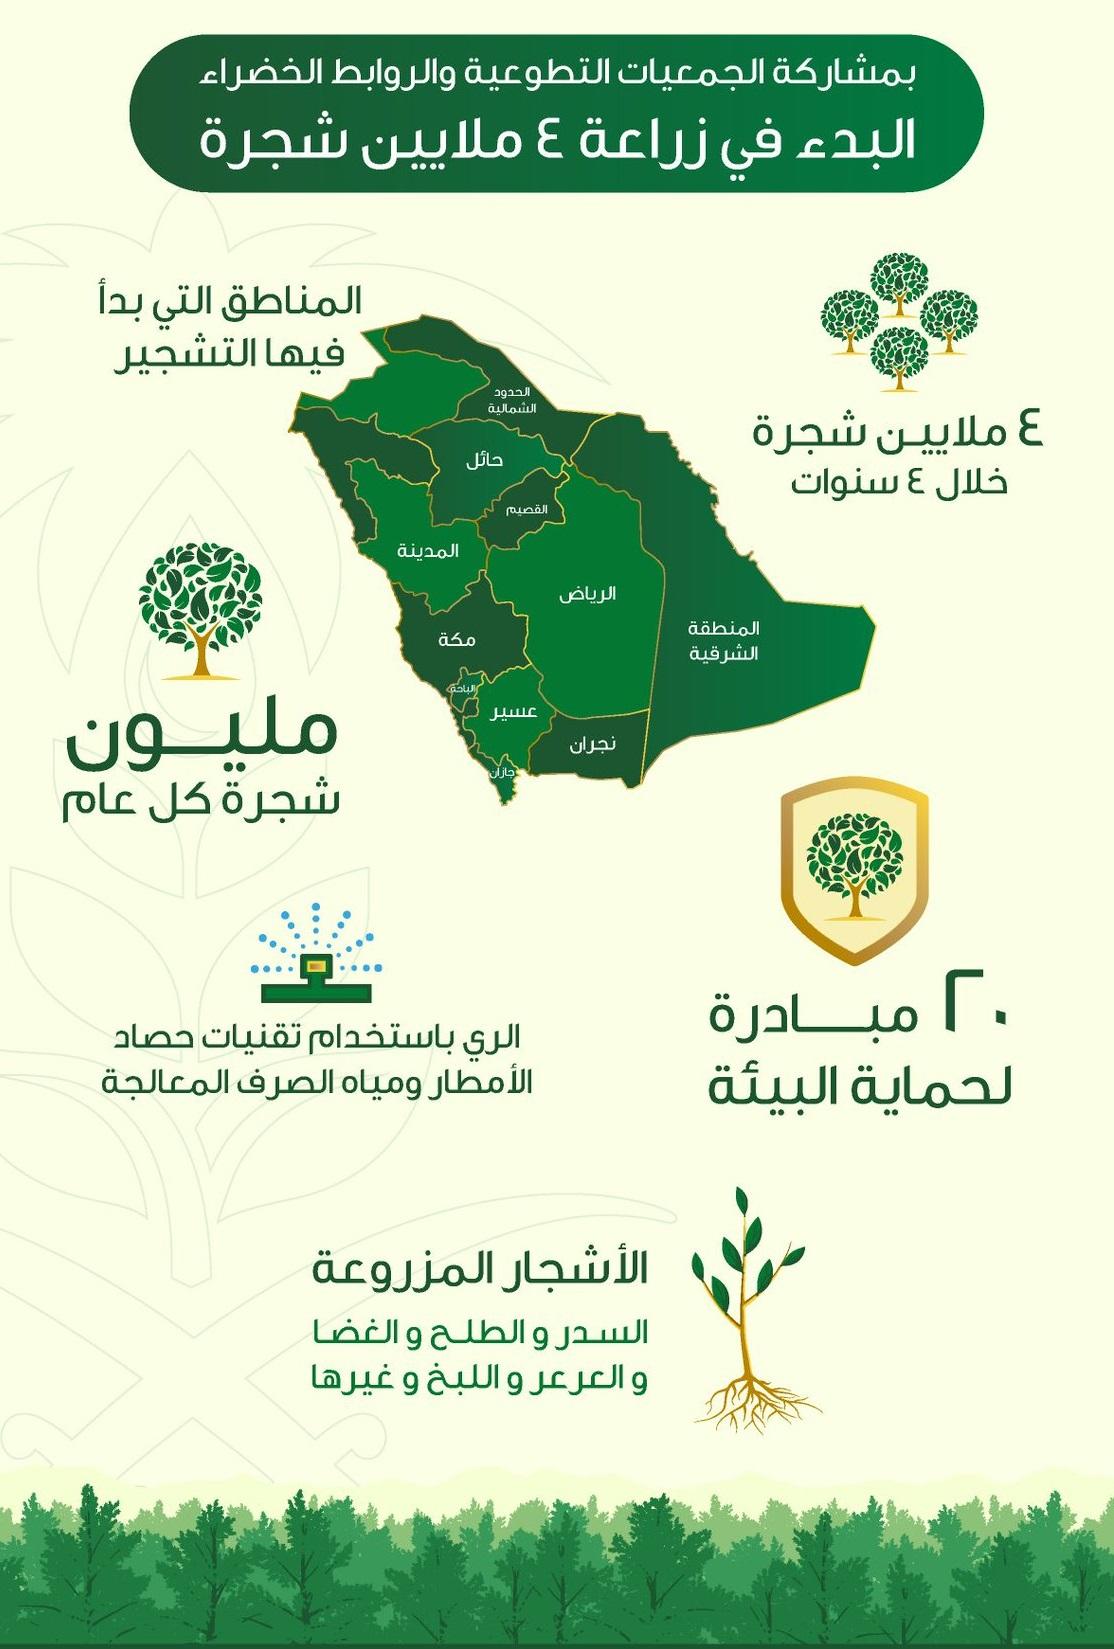 زراعة 4 ملايين شجرة